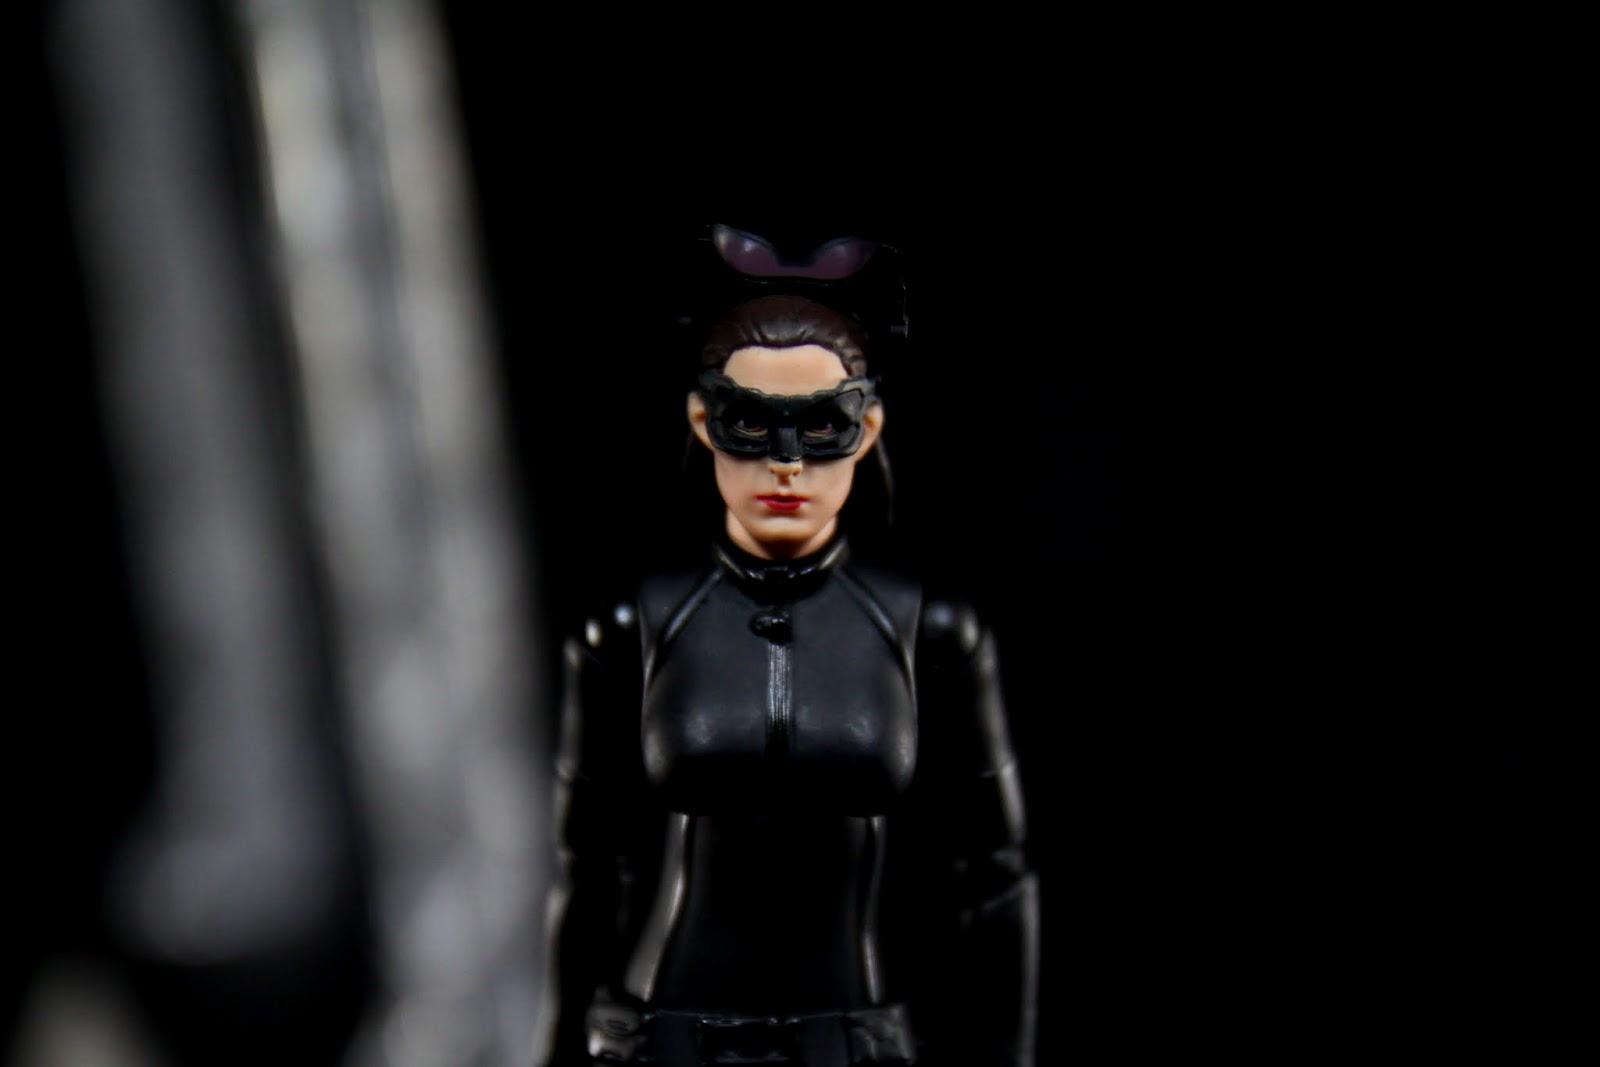 頭雕比蝙蝠俠悲劇大概有1024倍